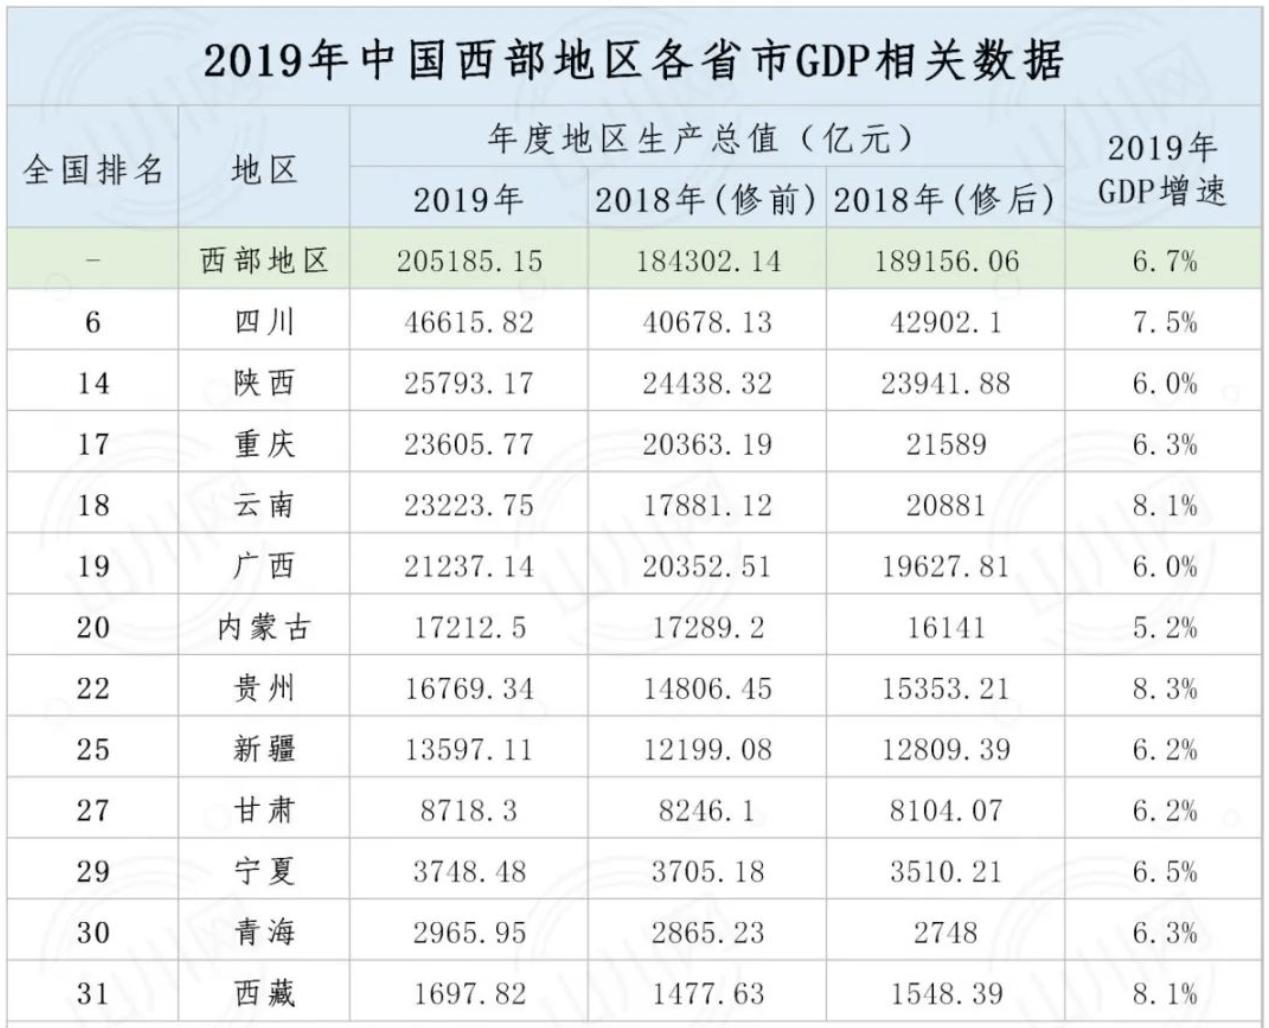 陕西经济总量全国排序_陕西经济照片